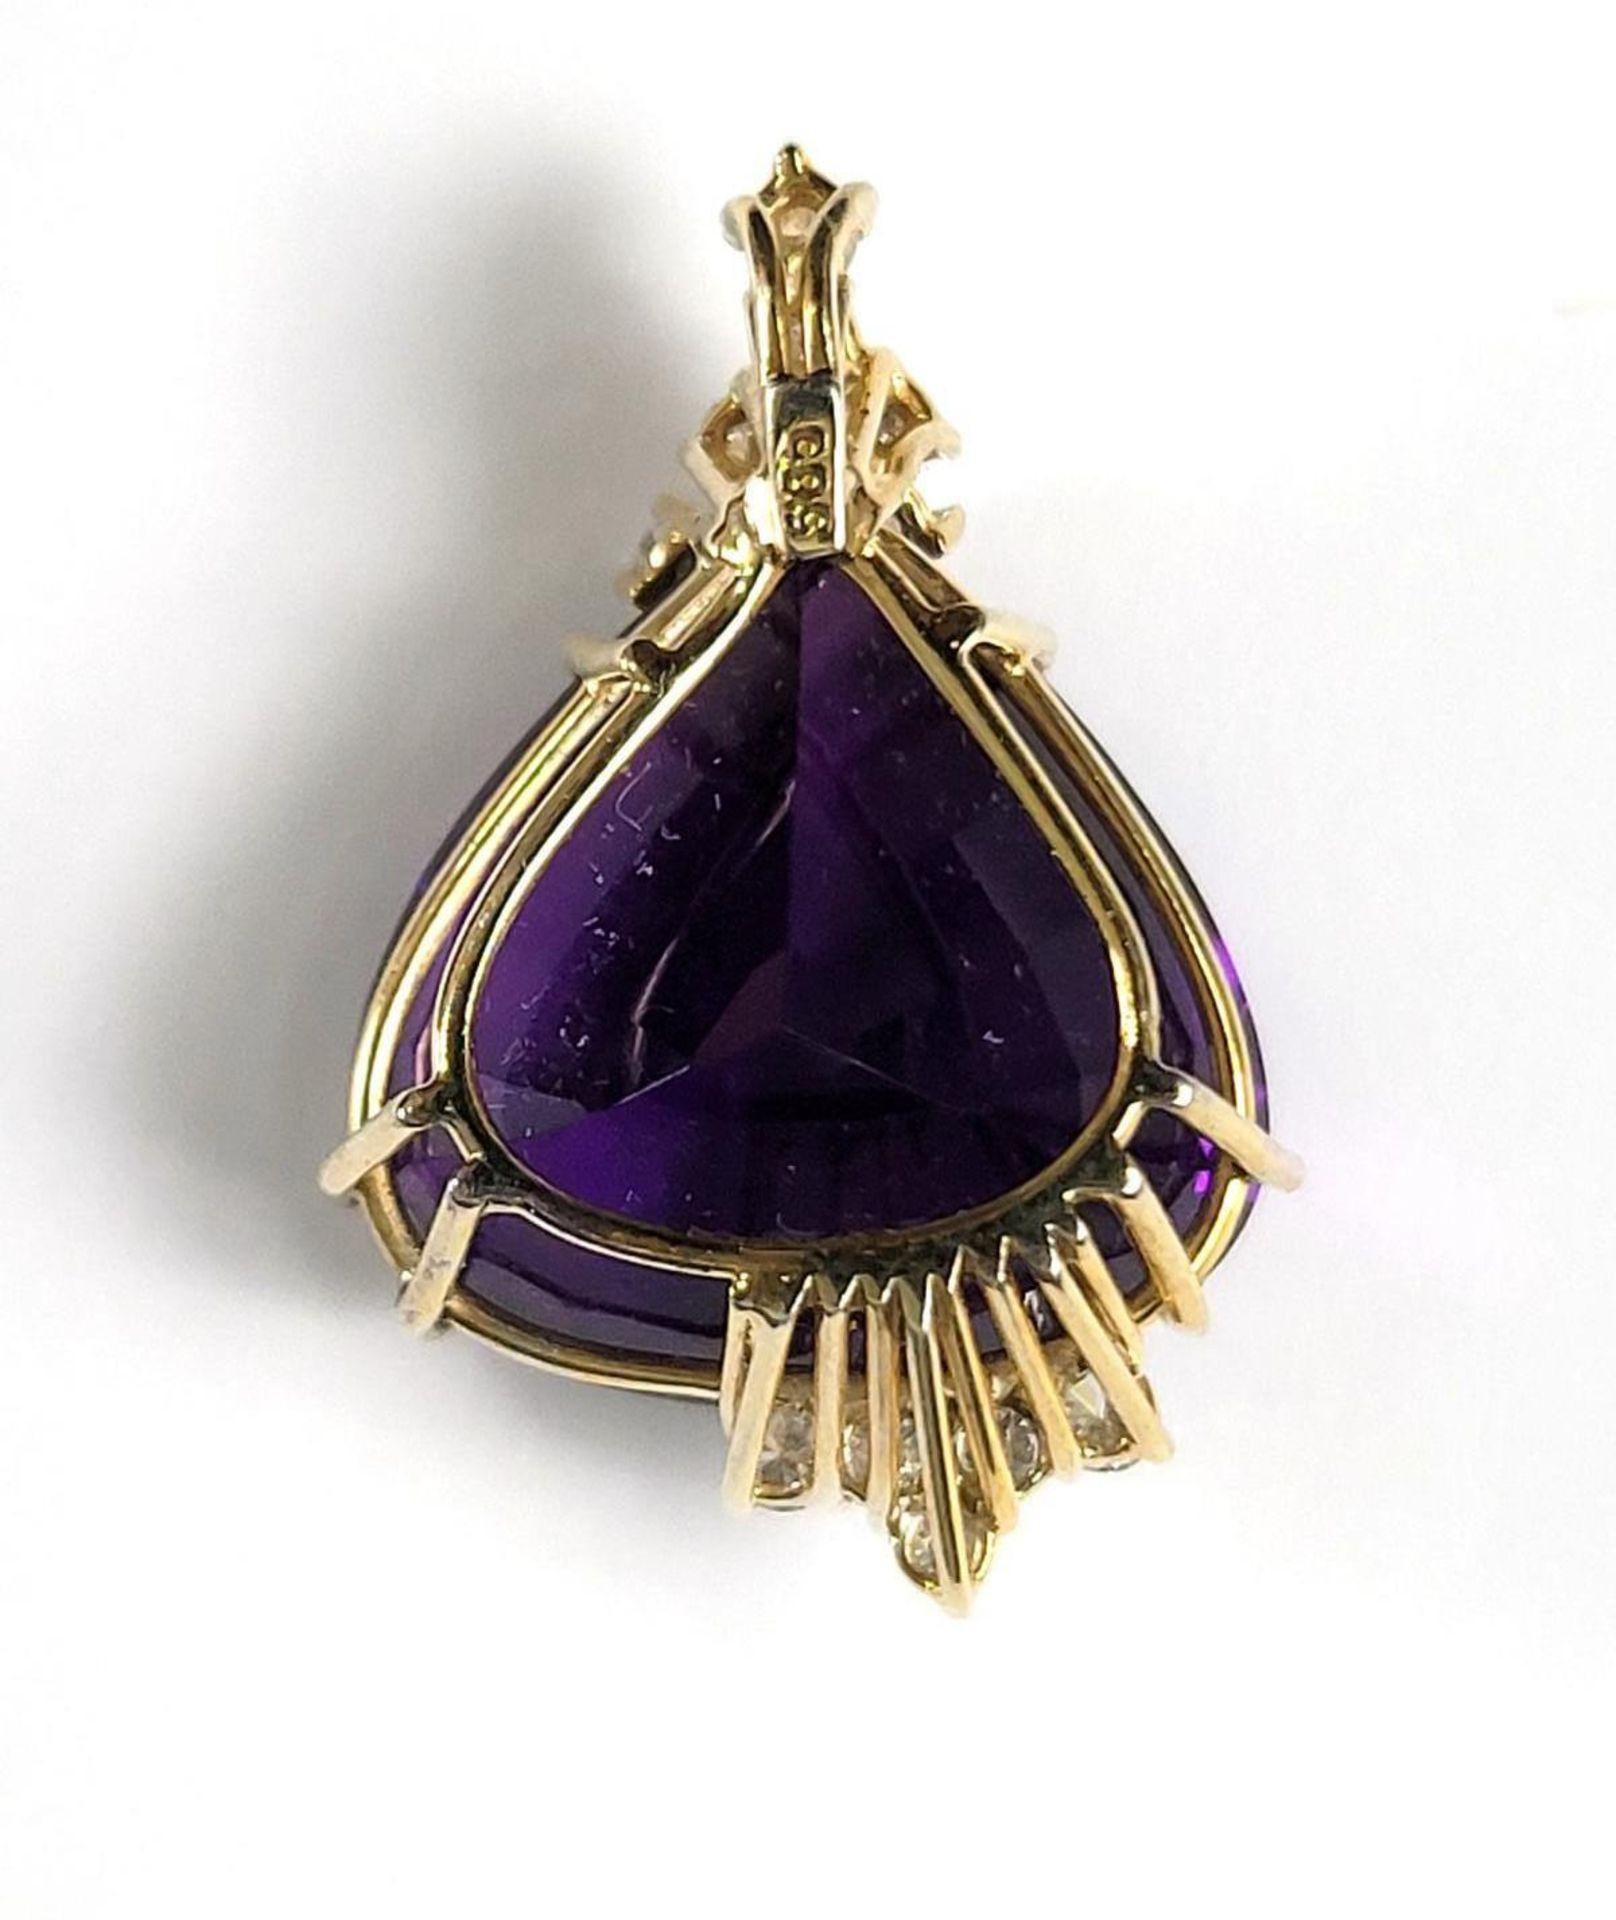 Anhänger mit Amethyst in Herzform mit Diamanten, 14 Karat Gelbgoldfassung - Bild 3 aus 3